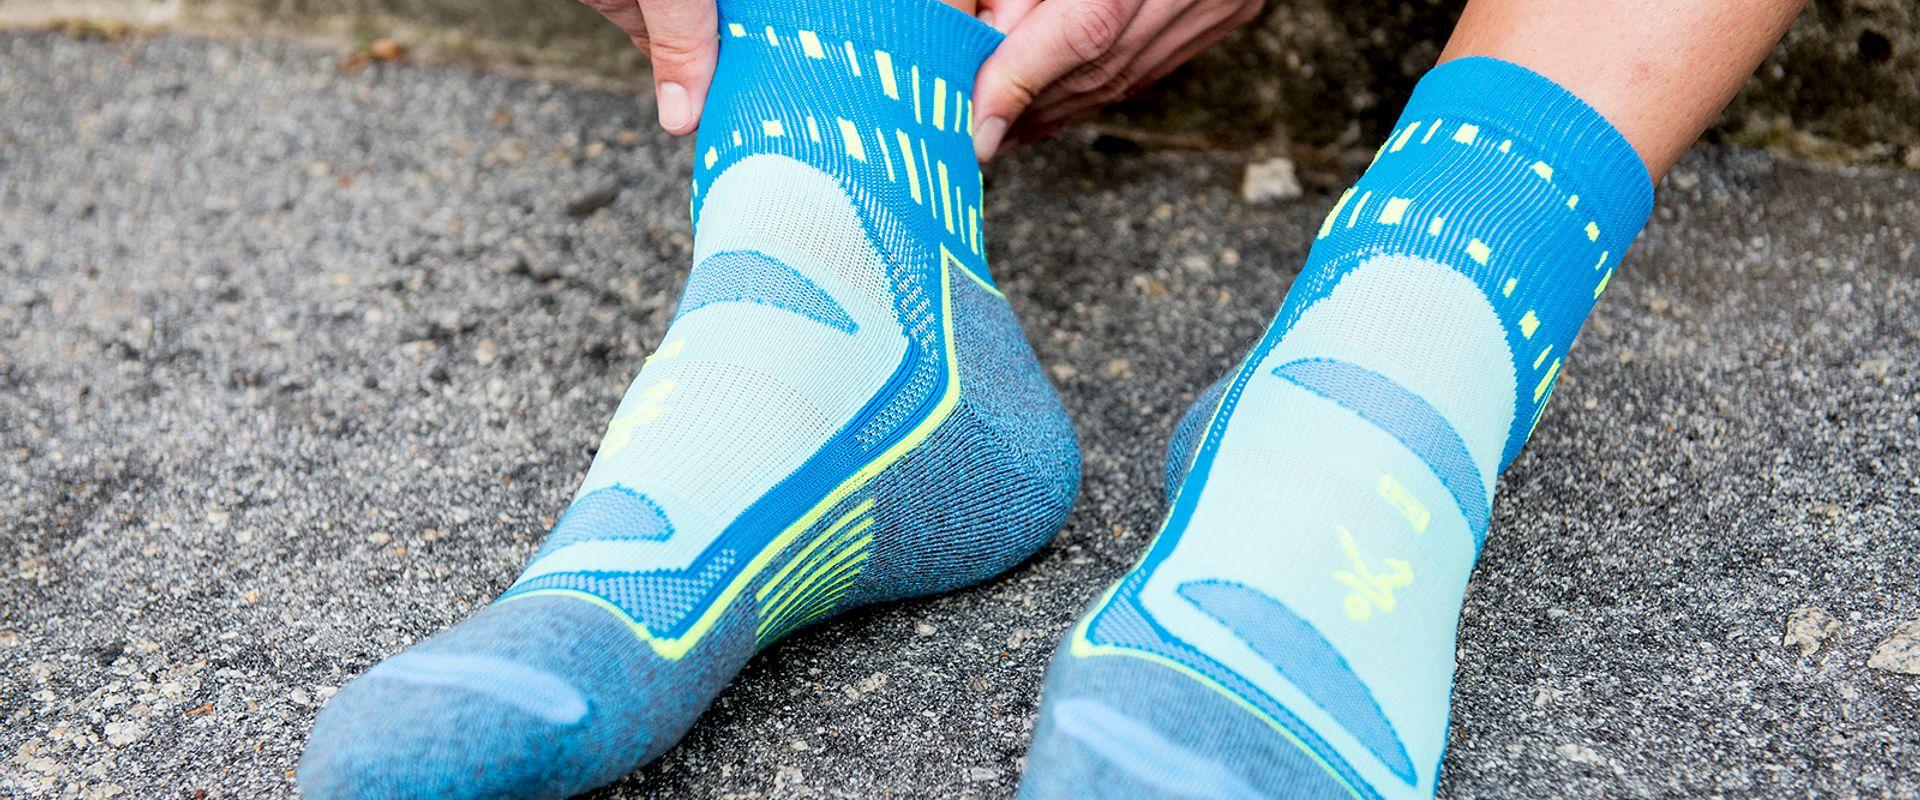 anti-blister socks for sale